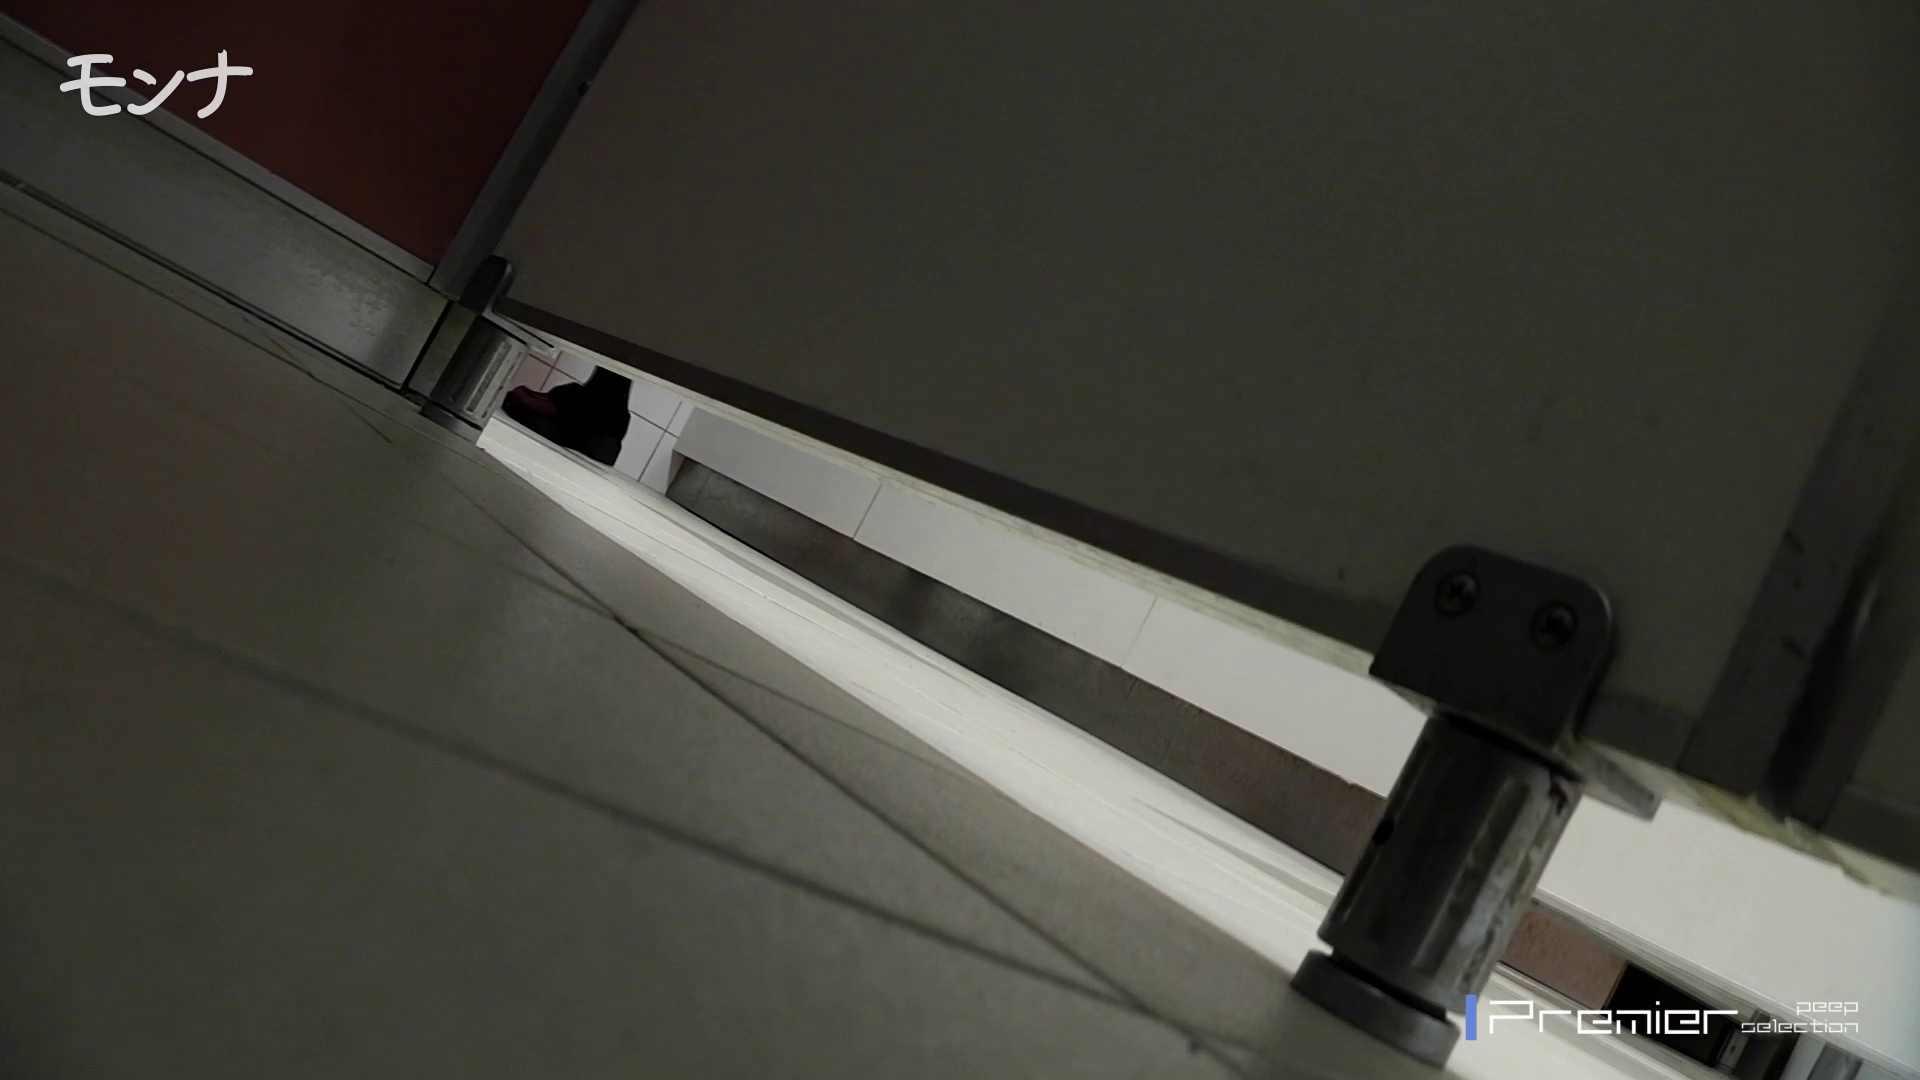 美しい日本の未来 No.54 眼鏡清楚美女特集 美女 エロ画像 94画像 35